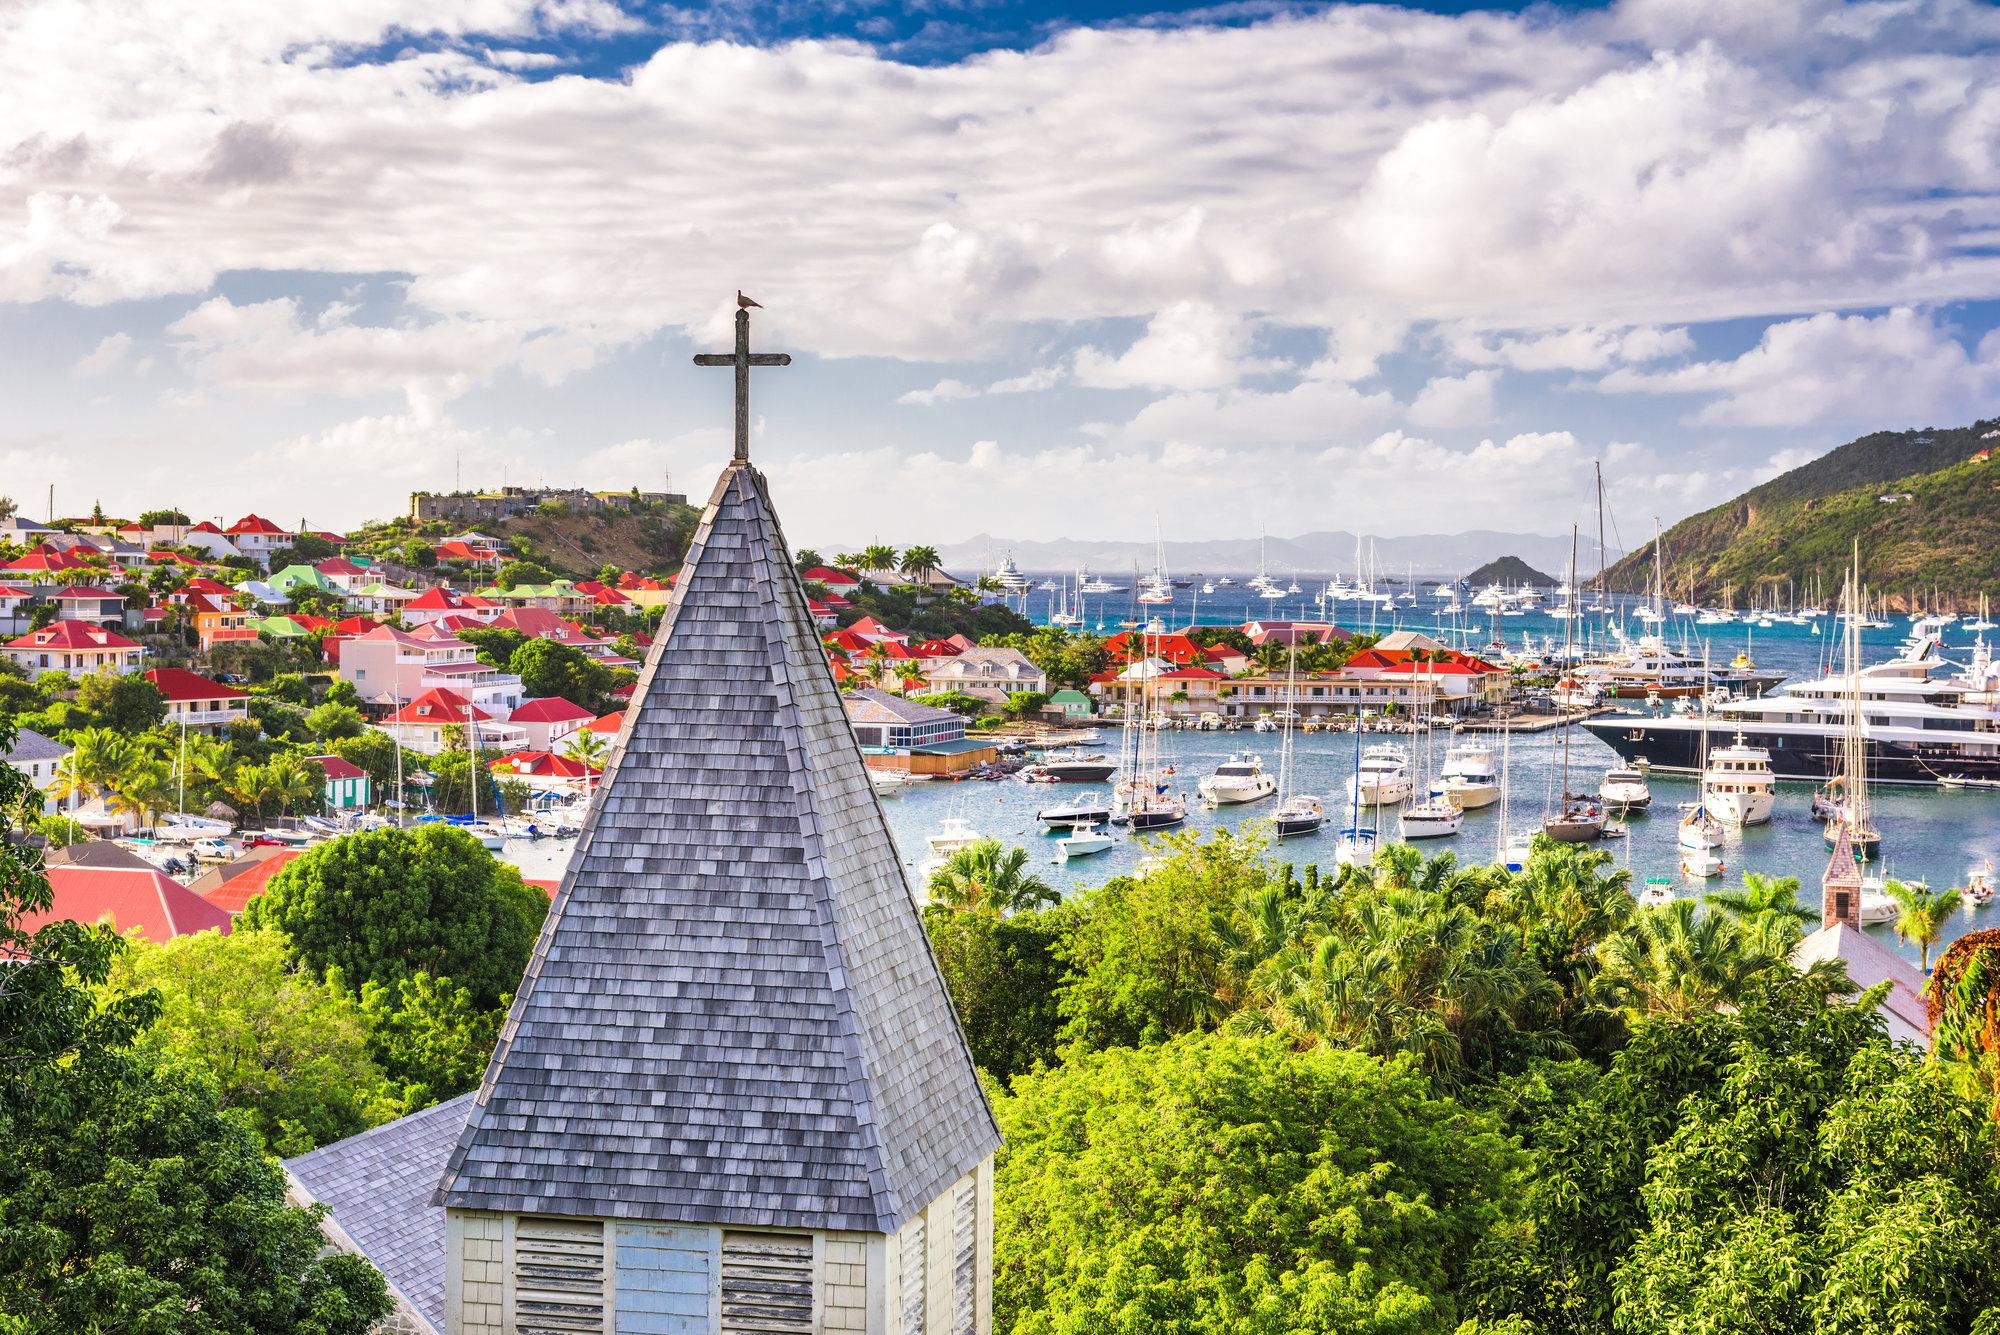 St_barts_caribbean.jpg